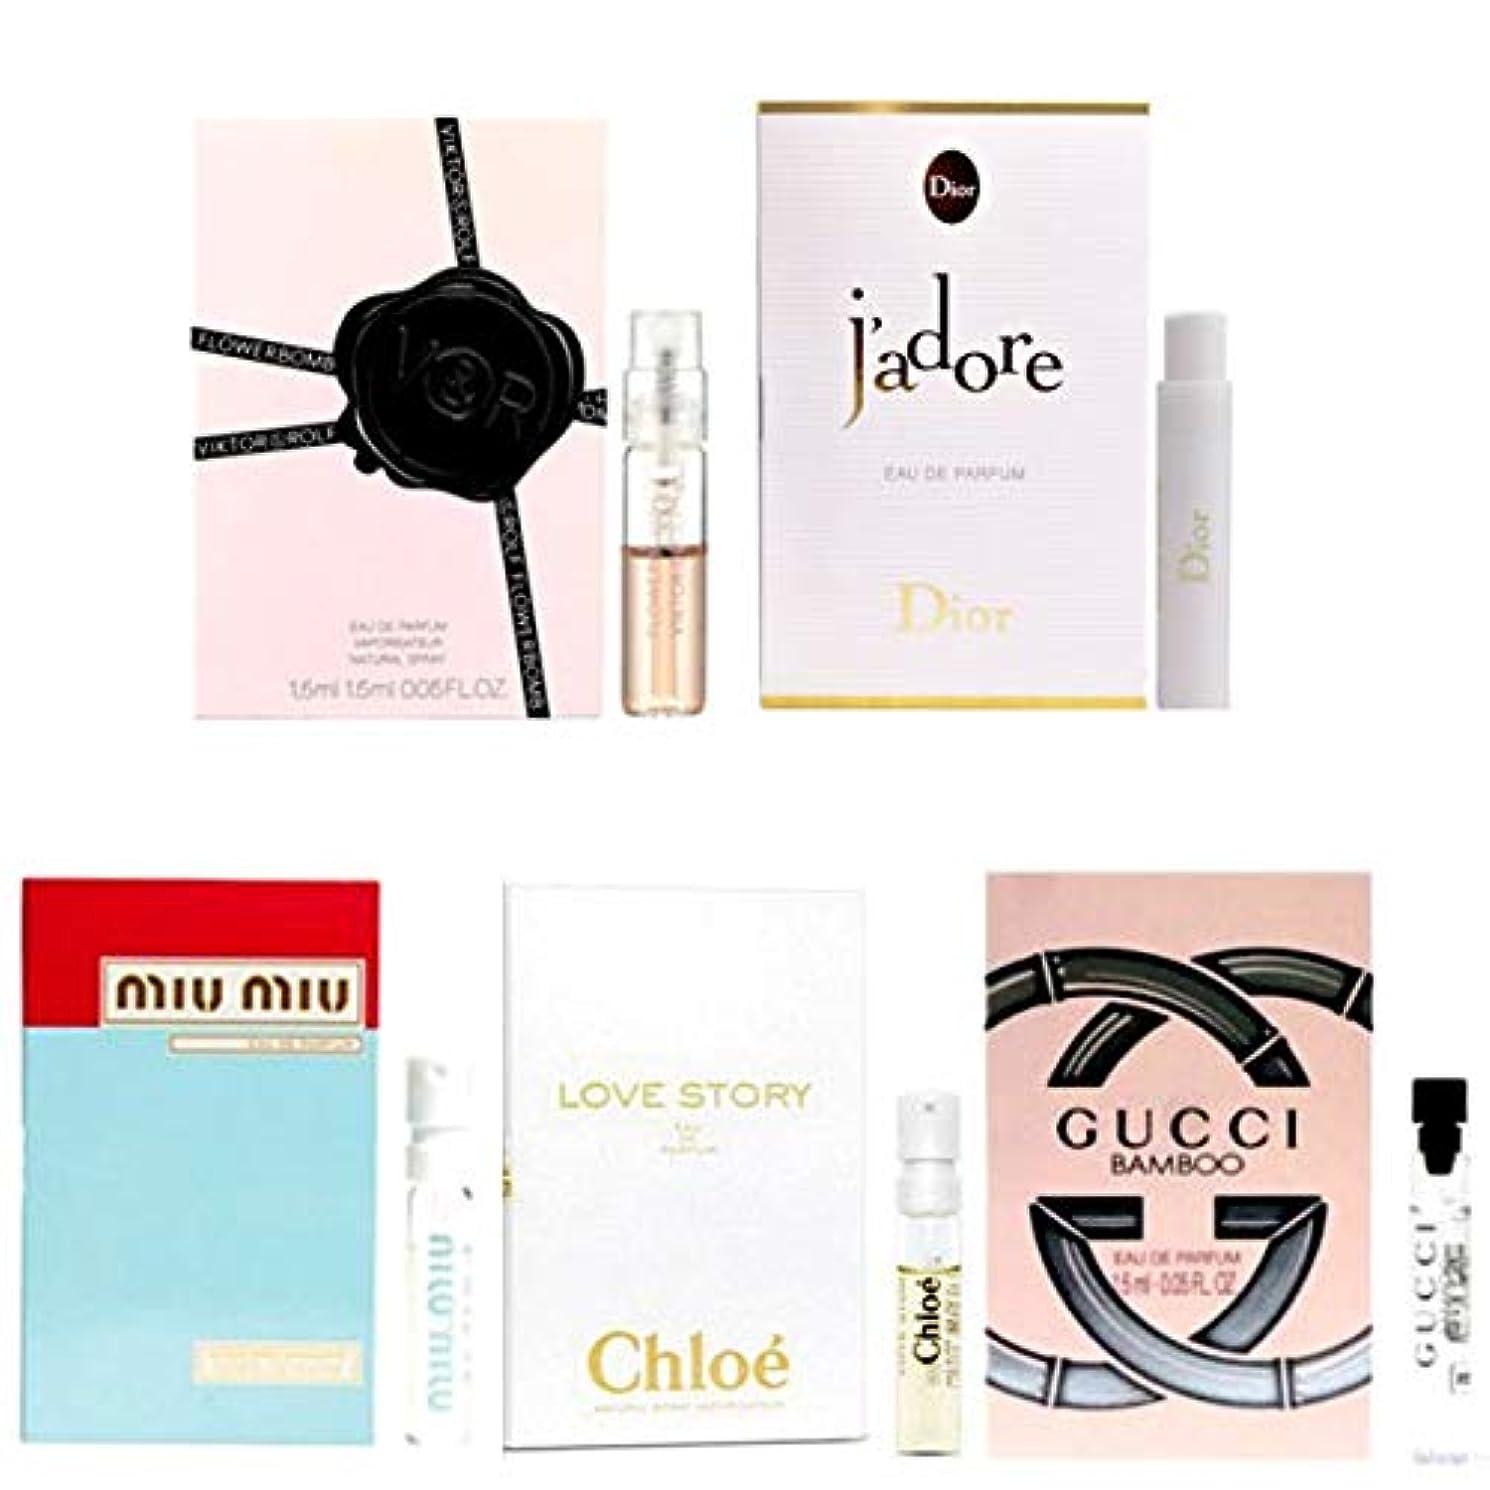 ジョブ高揚した市区町村女性用 Eau de Parfum (Eau de Toilette) For Women Samples 5/set [海外直送品] [並行輸入品]